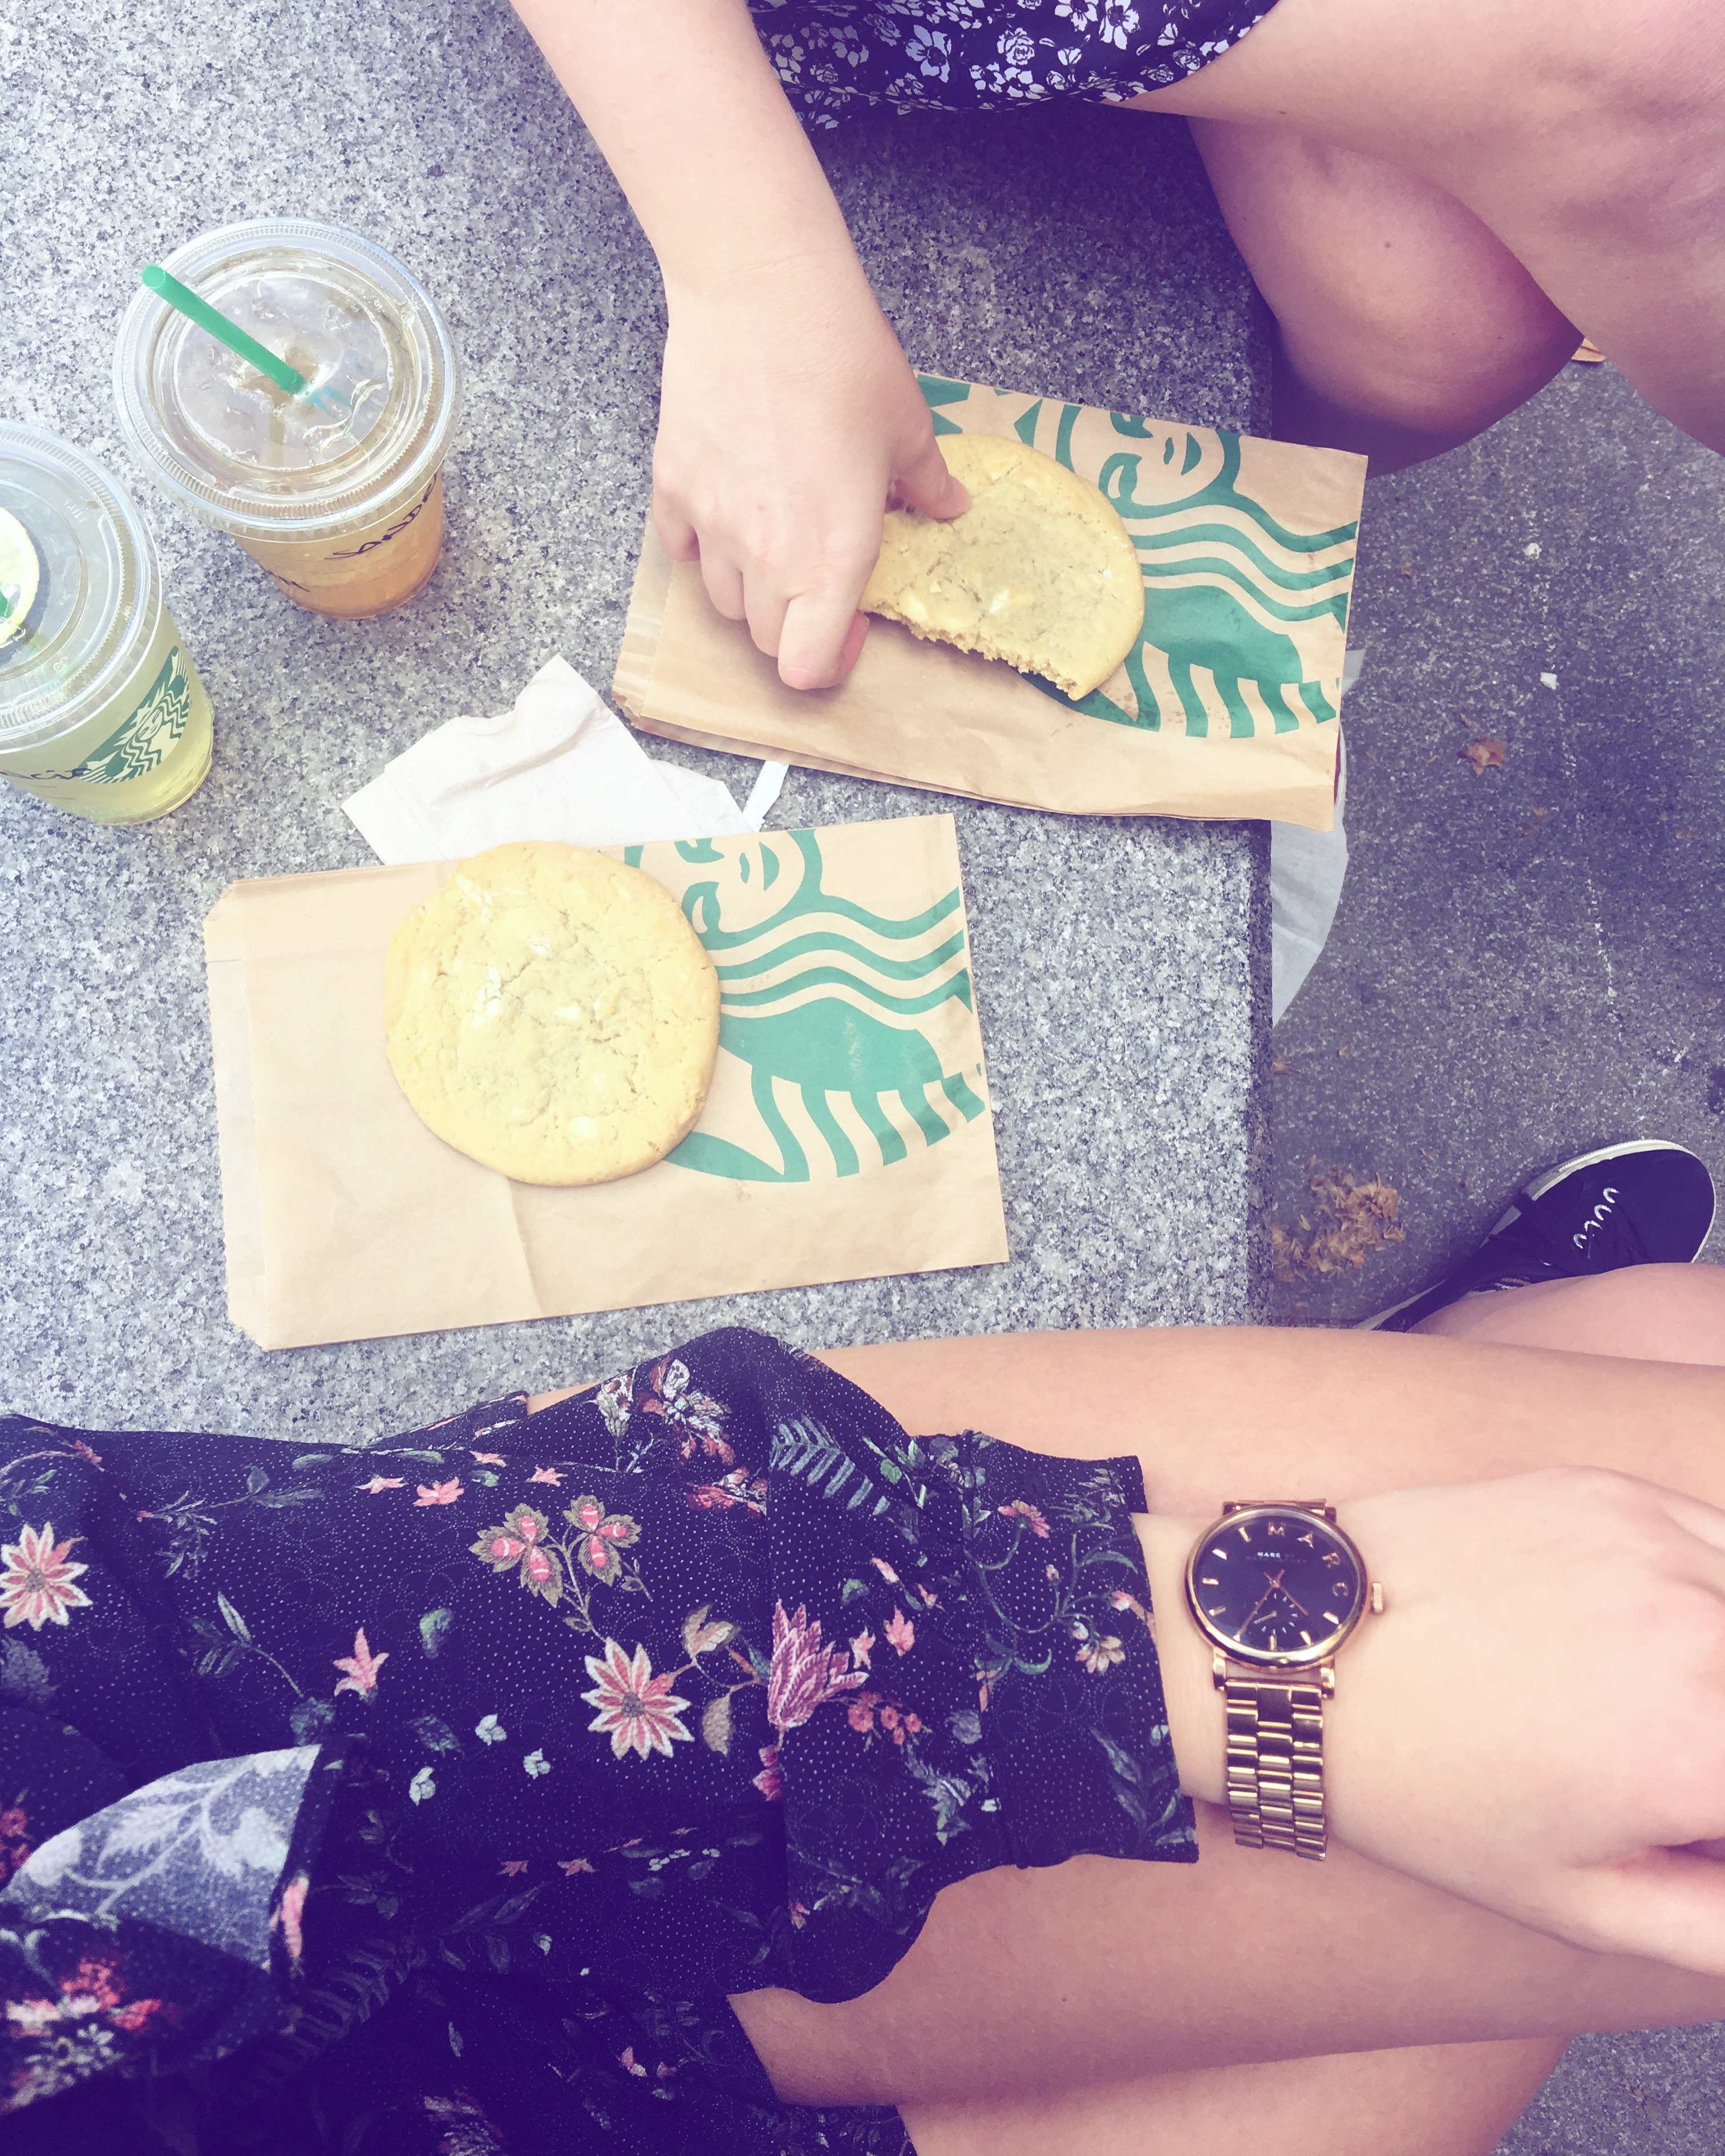 Starbucks Avenida de la constitucion Sevilla